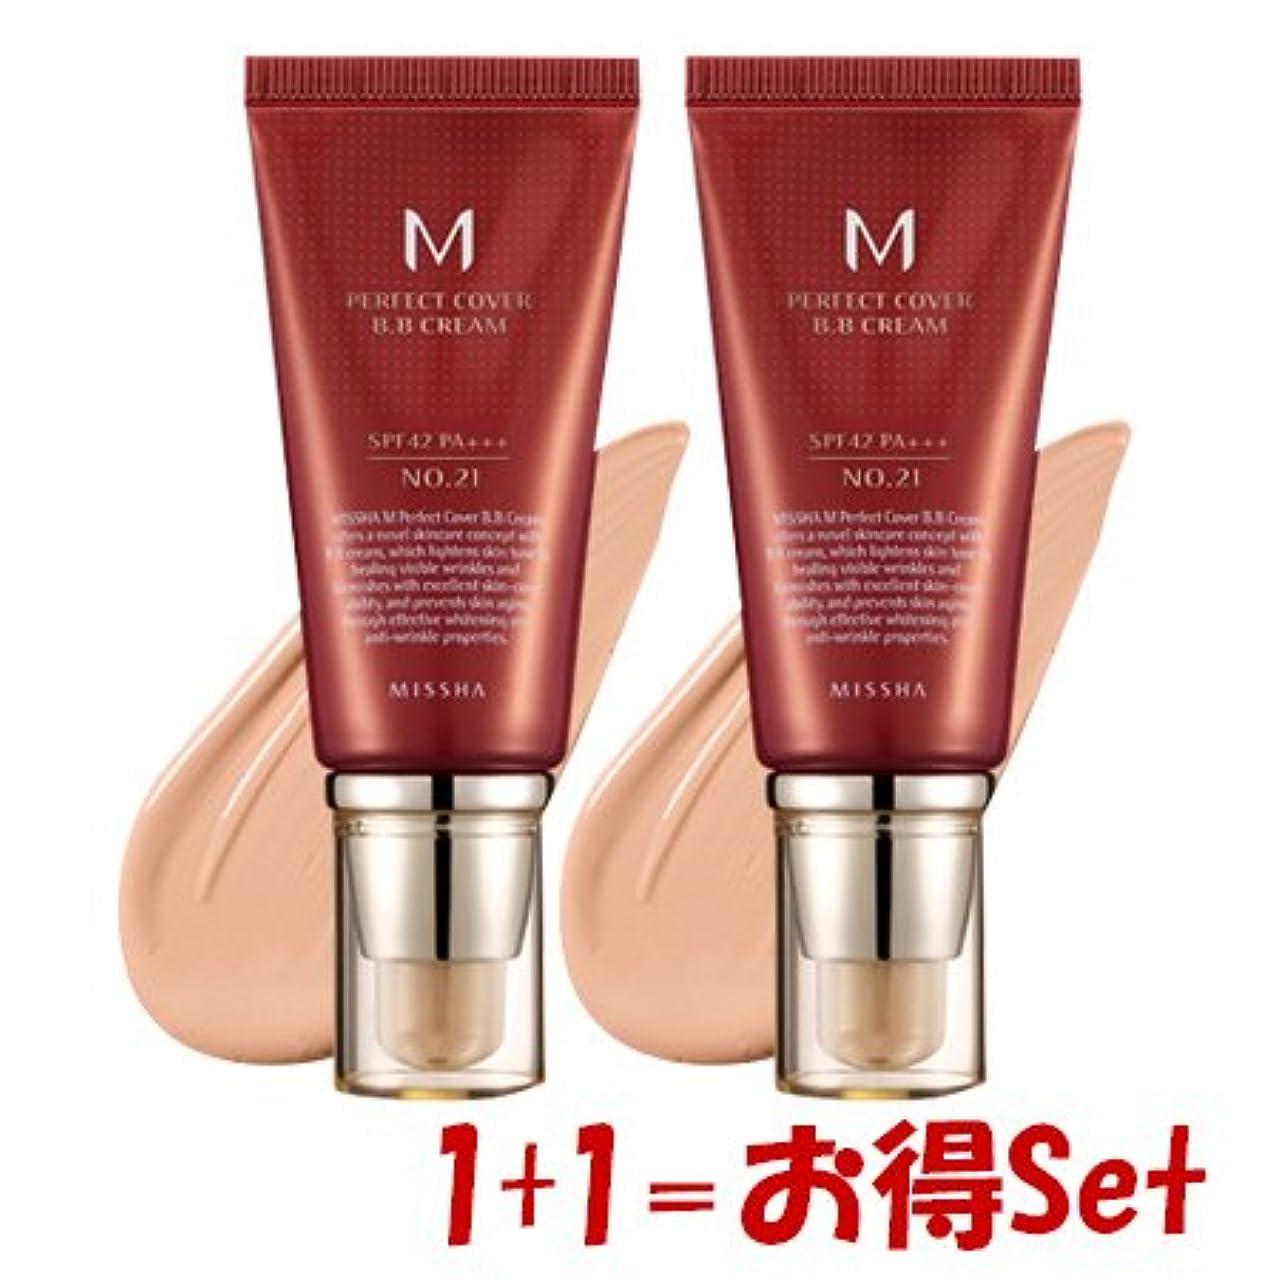 MISSHA(ミシャ) M Perfect Cover パーフェクトカバーBBクリーム 21号+ 21号(1+1=Set) [並行輸入品]